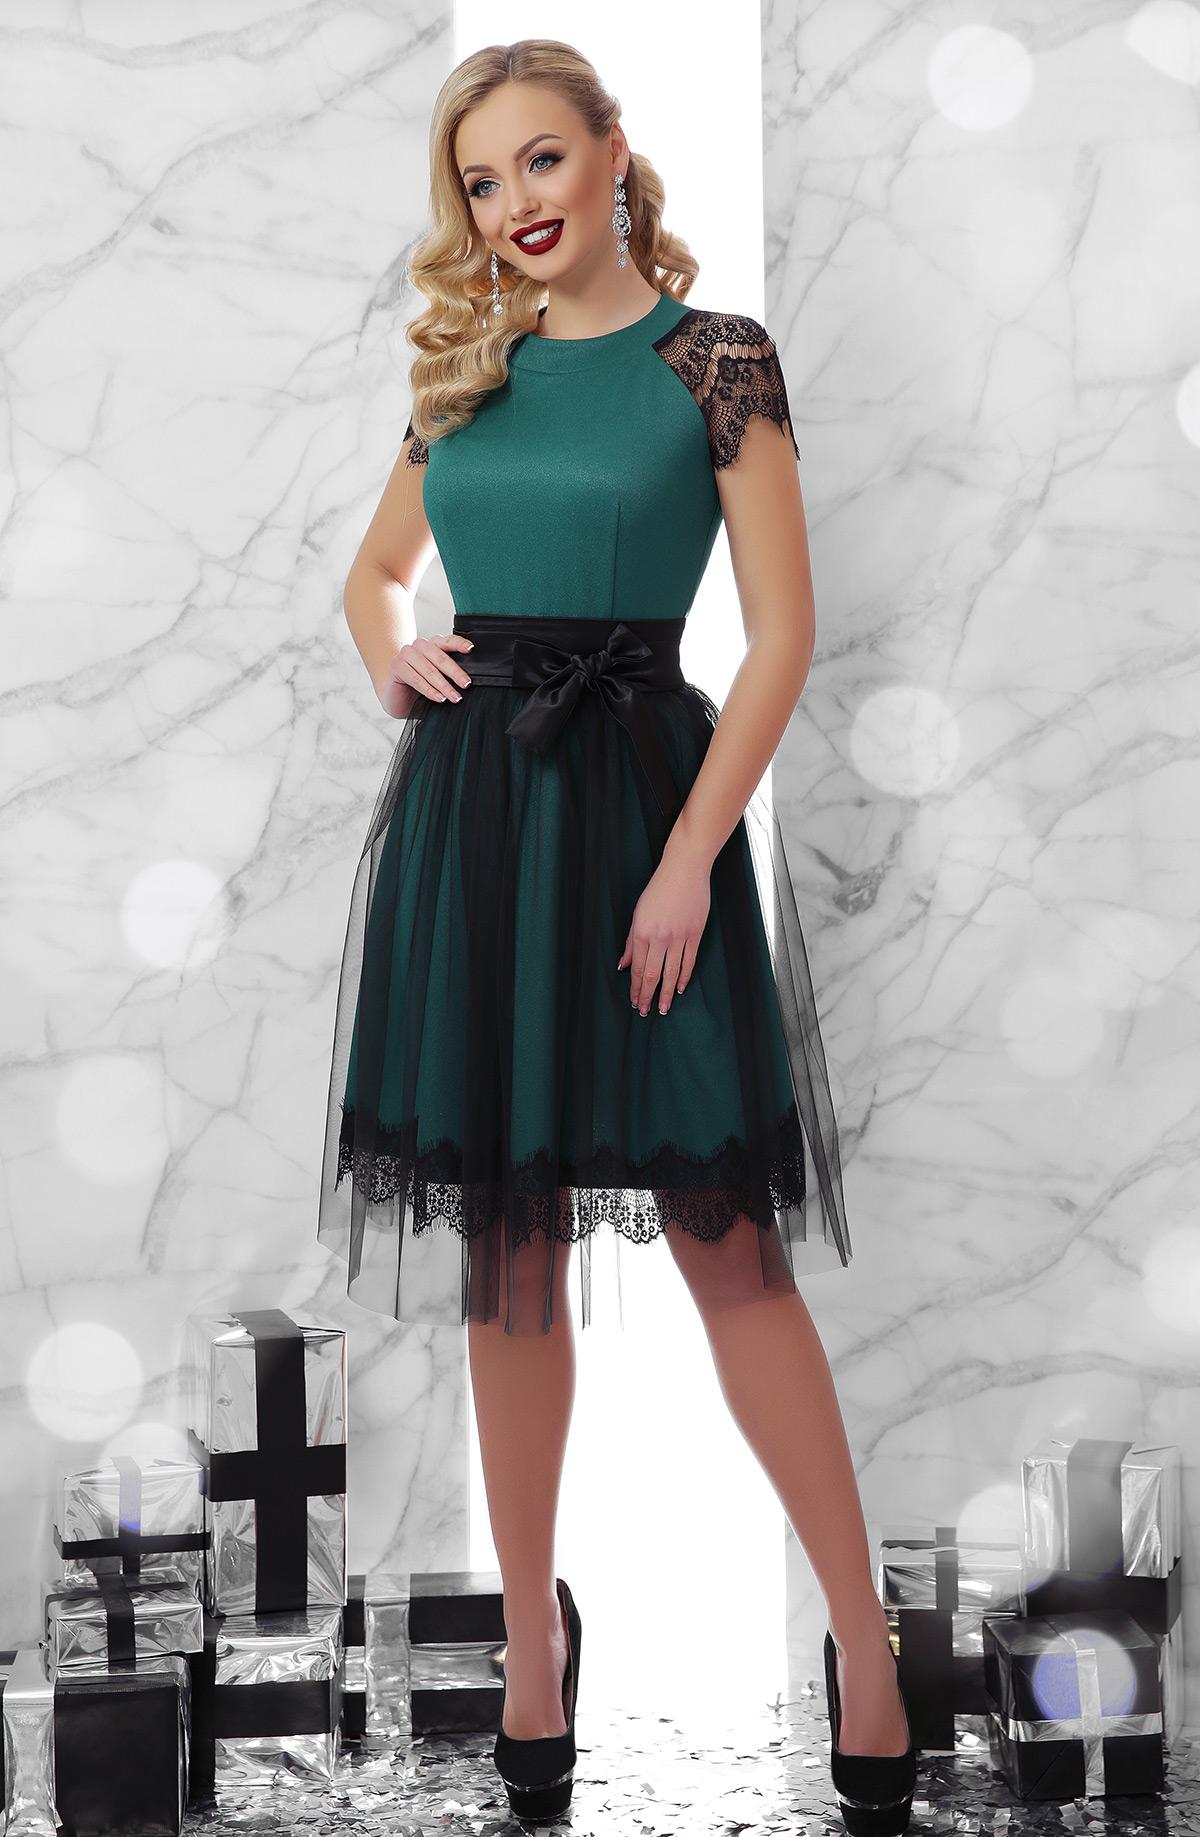 952cc28f85c зеленое платье с юбкой из фатина. платье Тиана к р. Цвет  изумруд ...